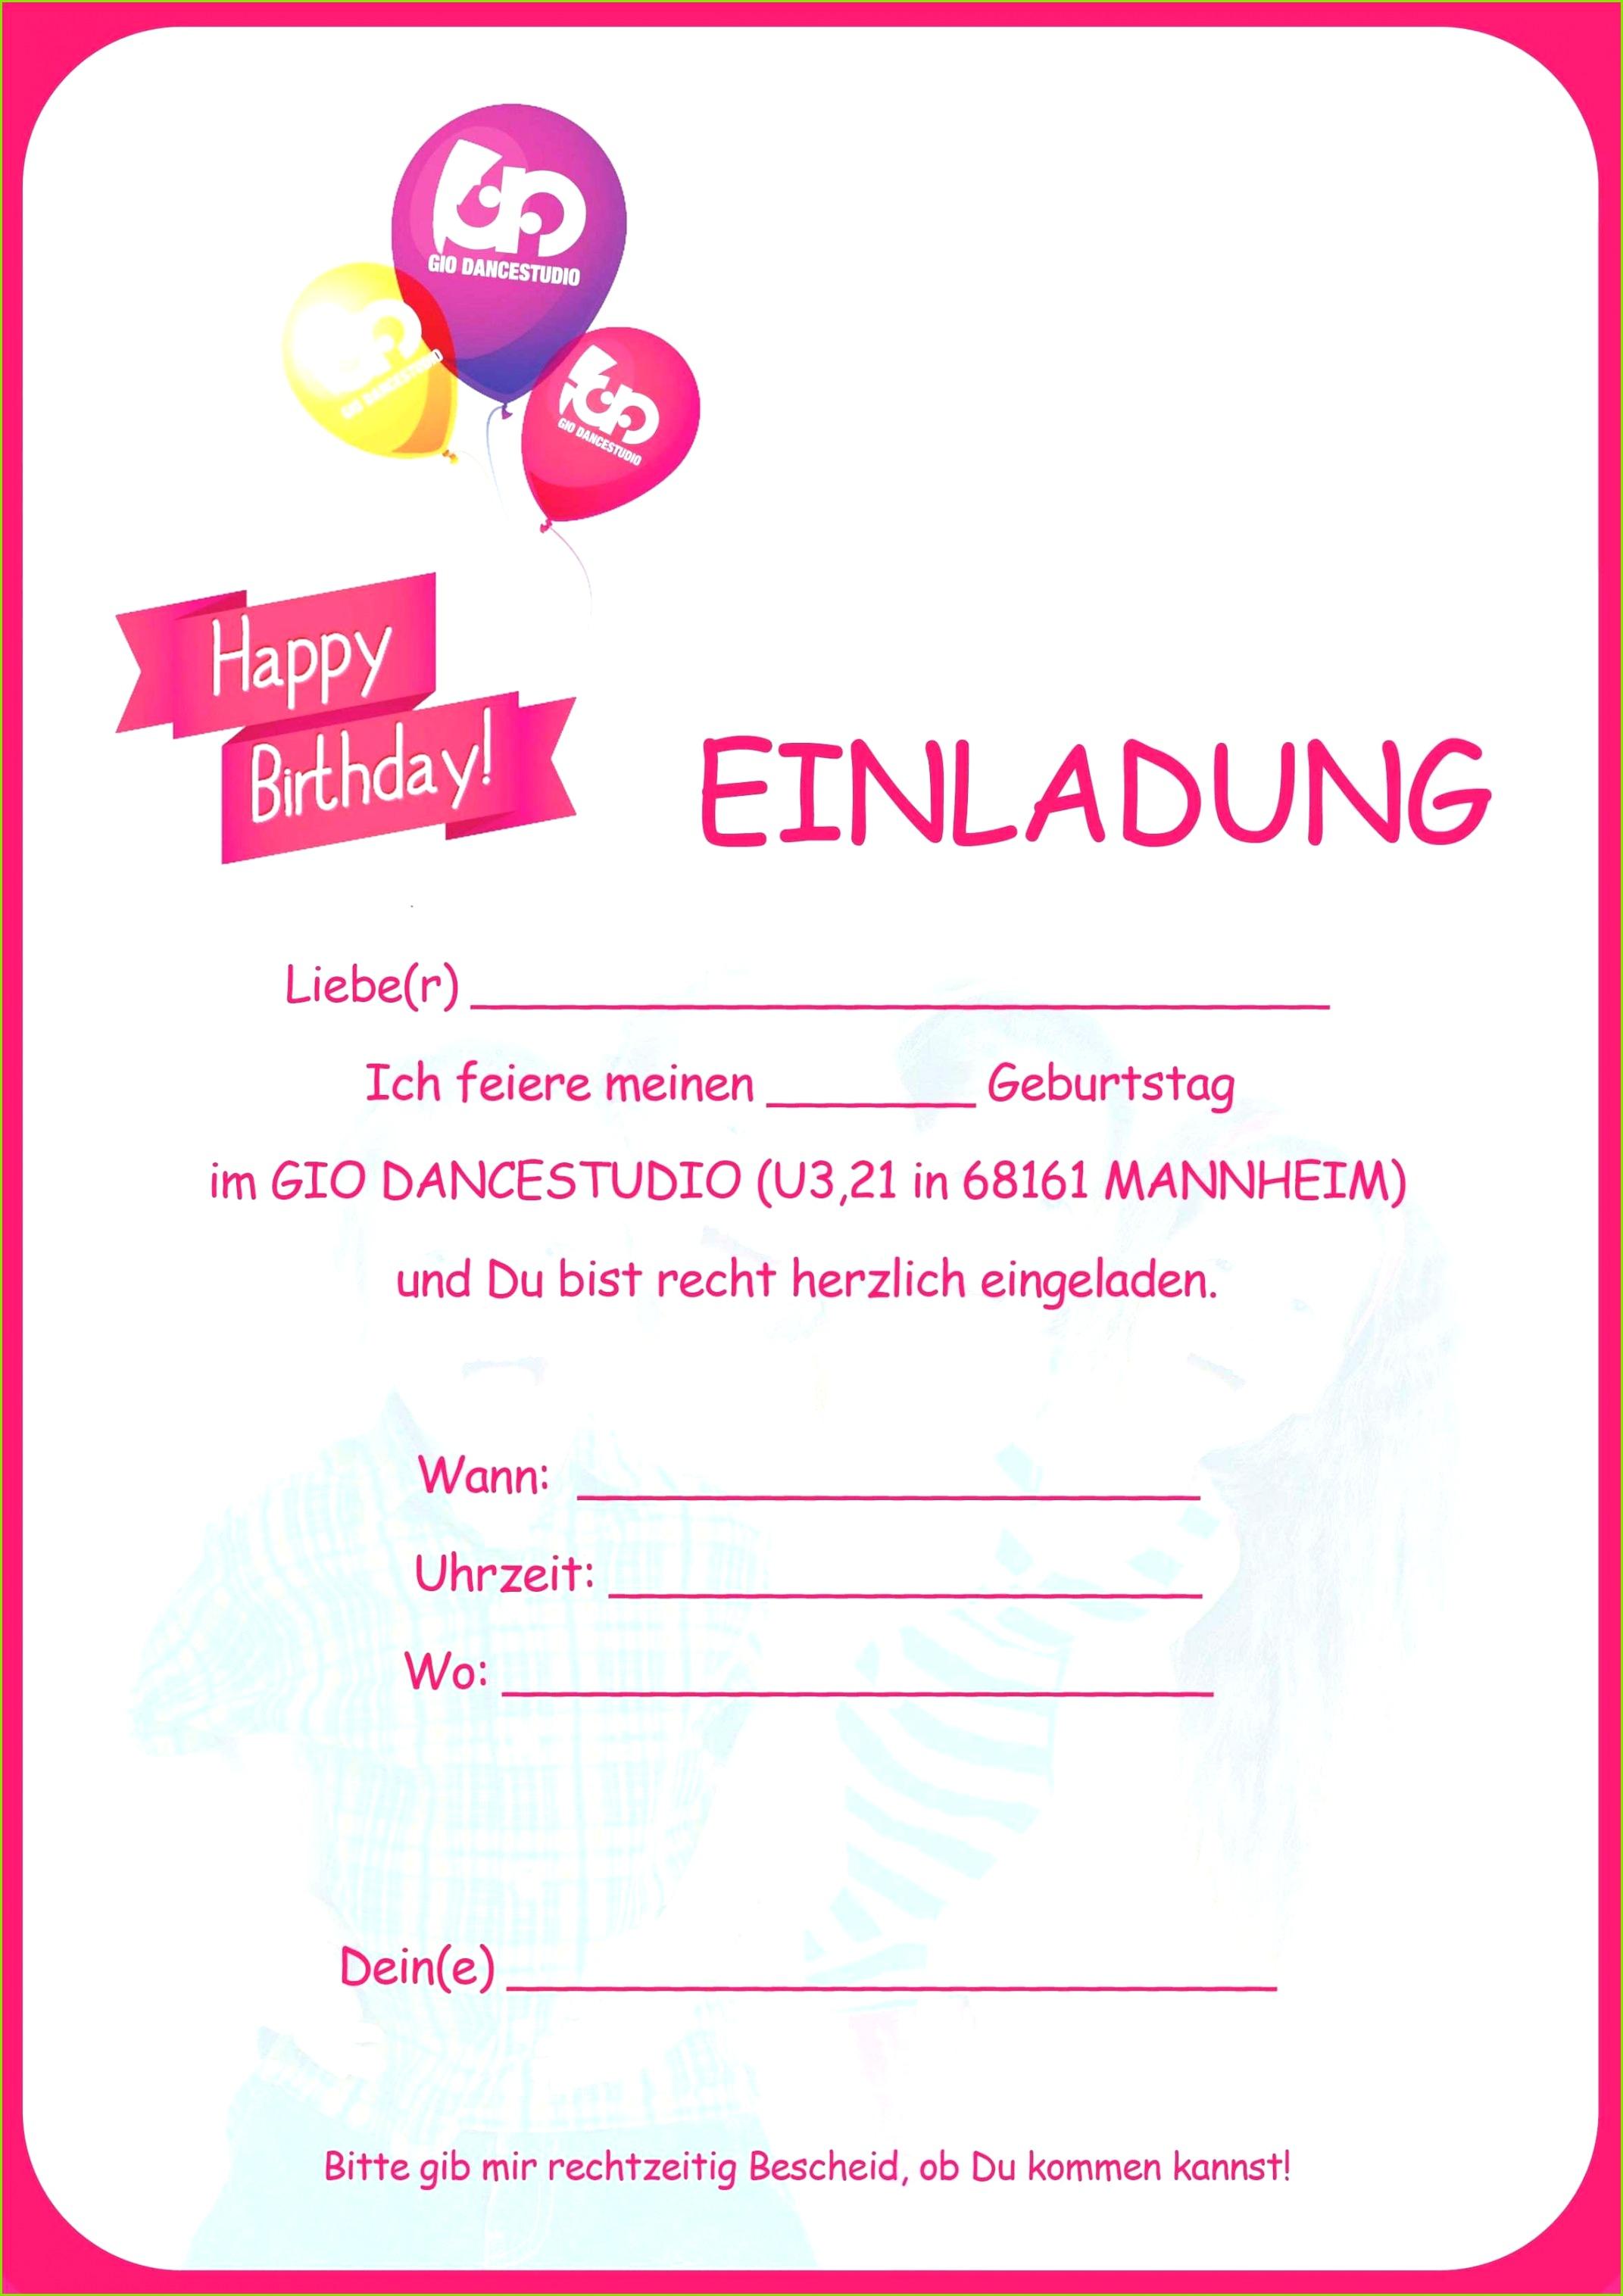 Willst Du Mit Mir Geburtstag Feiern Fresh Einladungskarten Geburtstag Mit Foto Coole Einladungskarten 0d Gutschein Fotoshooting Vorlage – Gutschein Für